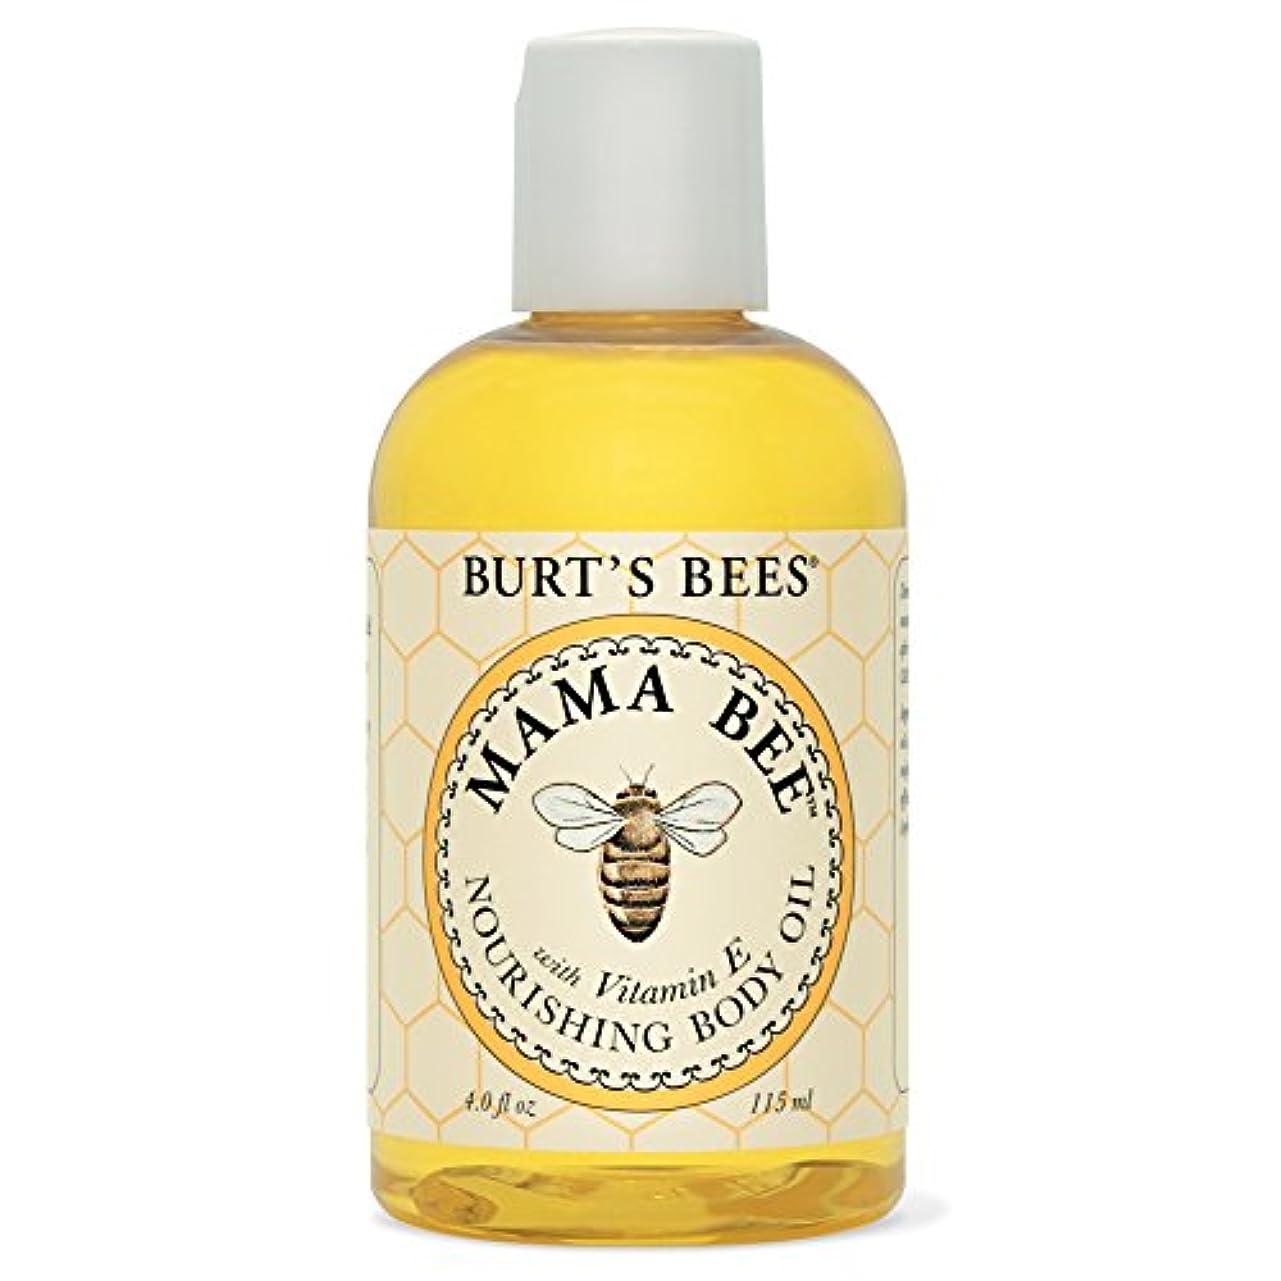 自分のために魅了する四半期バーツビーママ蜂栄養ボディオイル115ミリリットル (Burt's Bees) - Burt's Bees Mama Bee Nourishing Body Oil 115ml [並行輸入品]